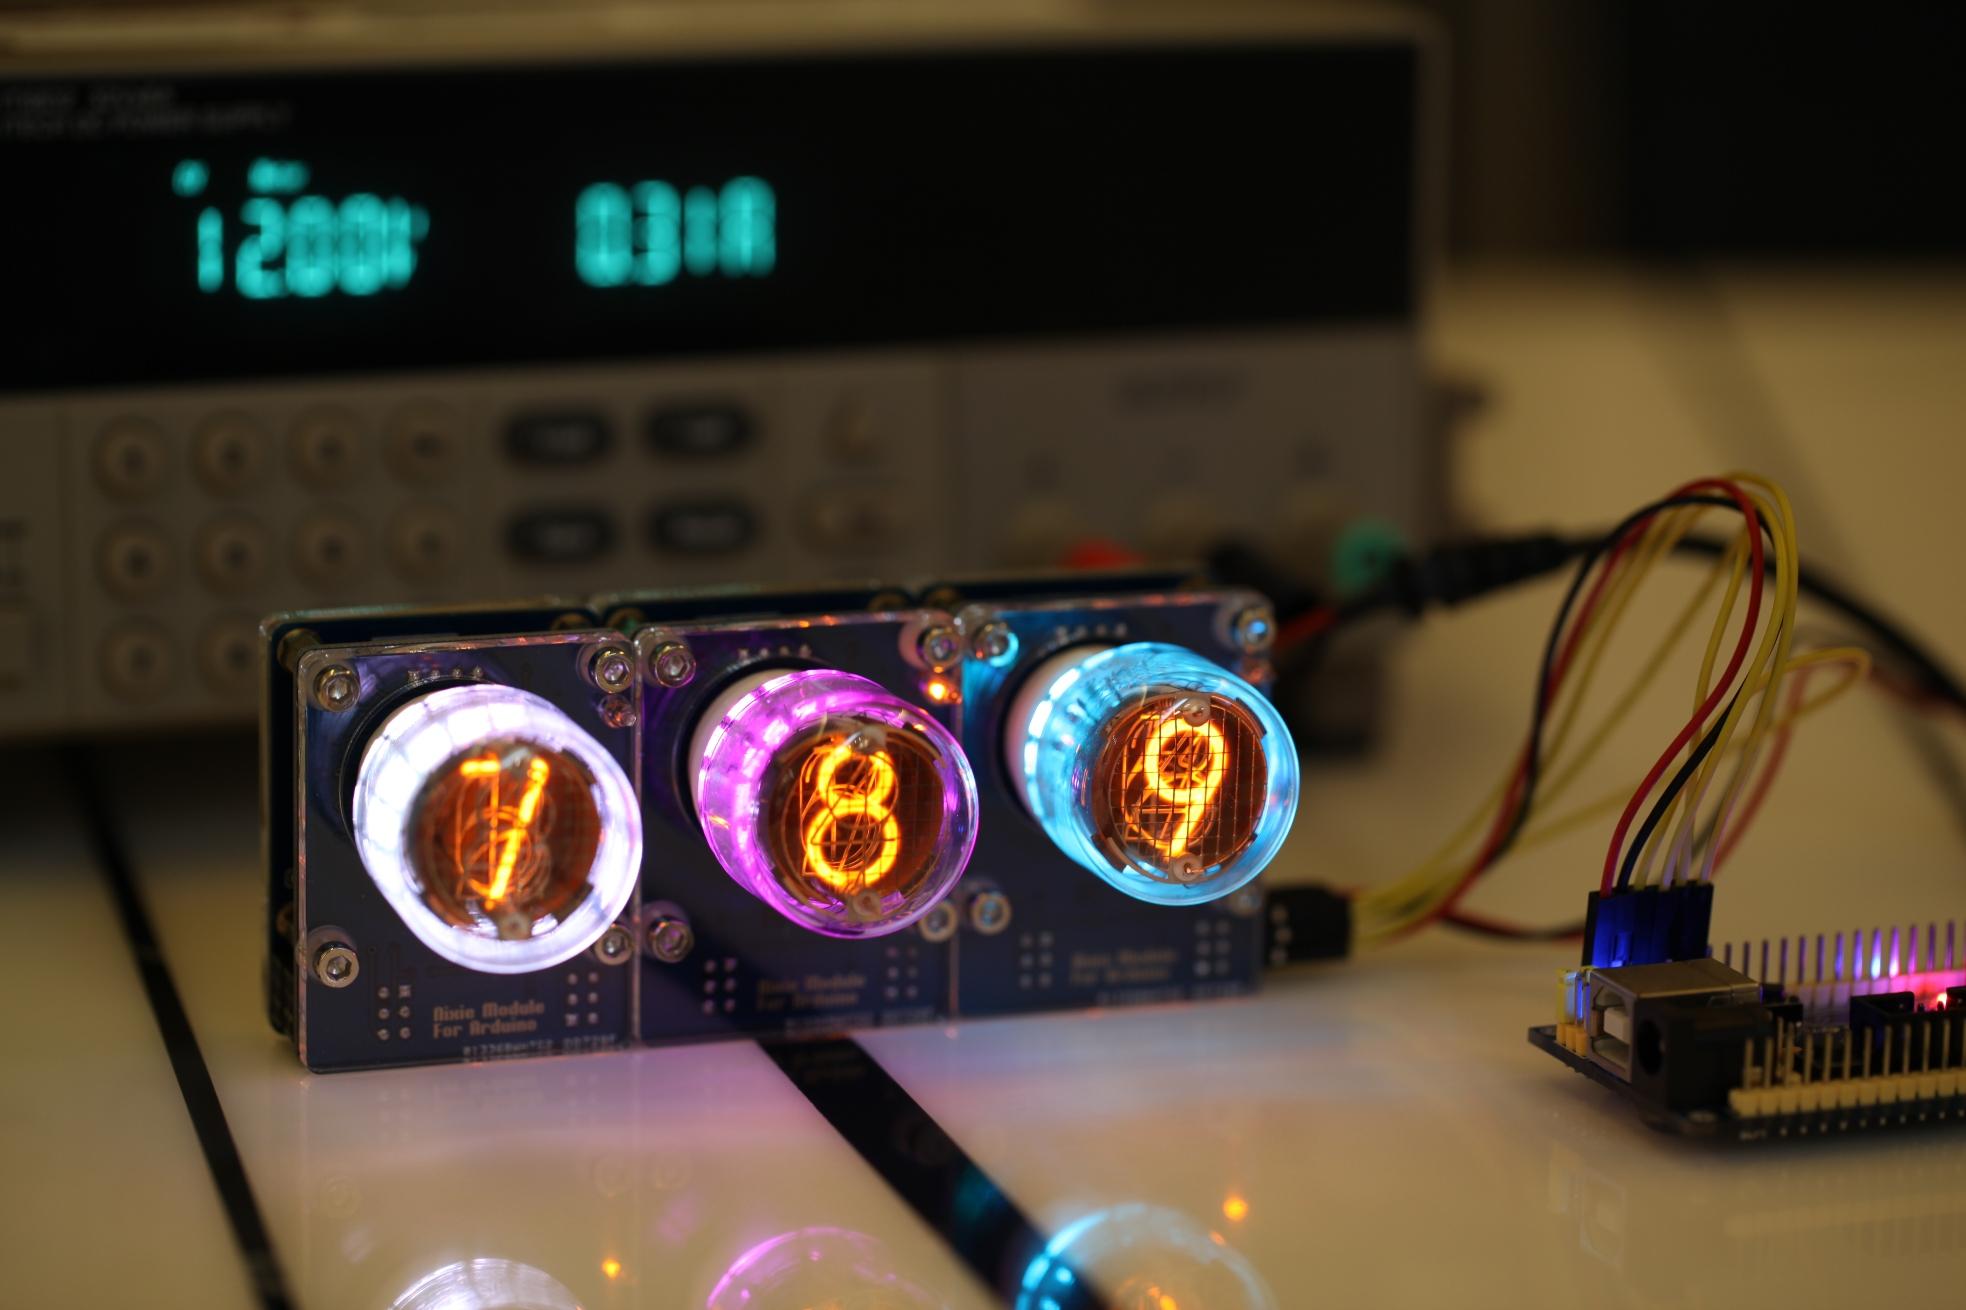 内置测试按钮,在没有任何主控驱动的情况下,可单独测试模块和辉光管